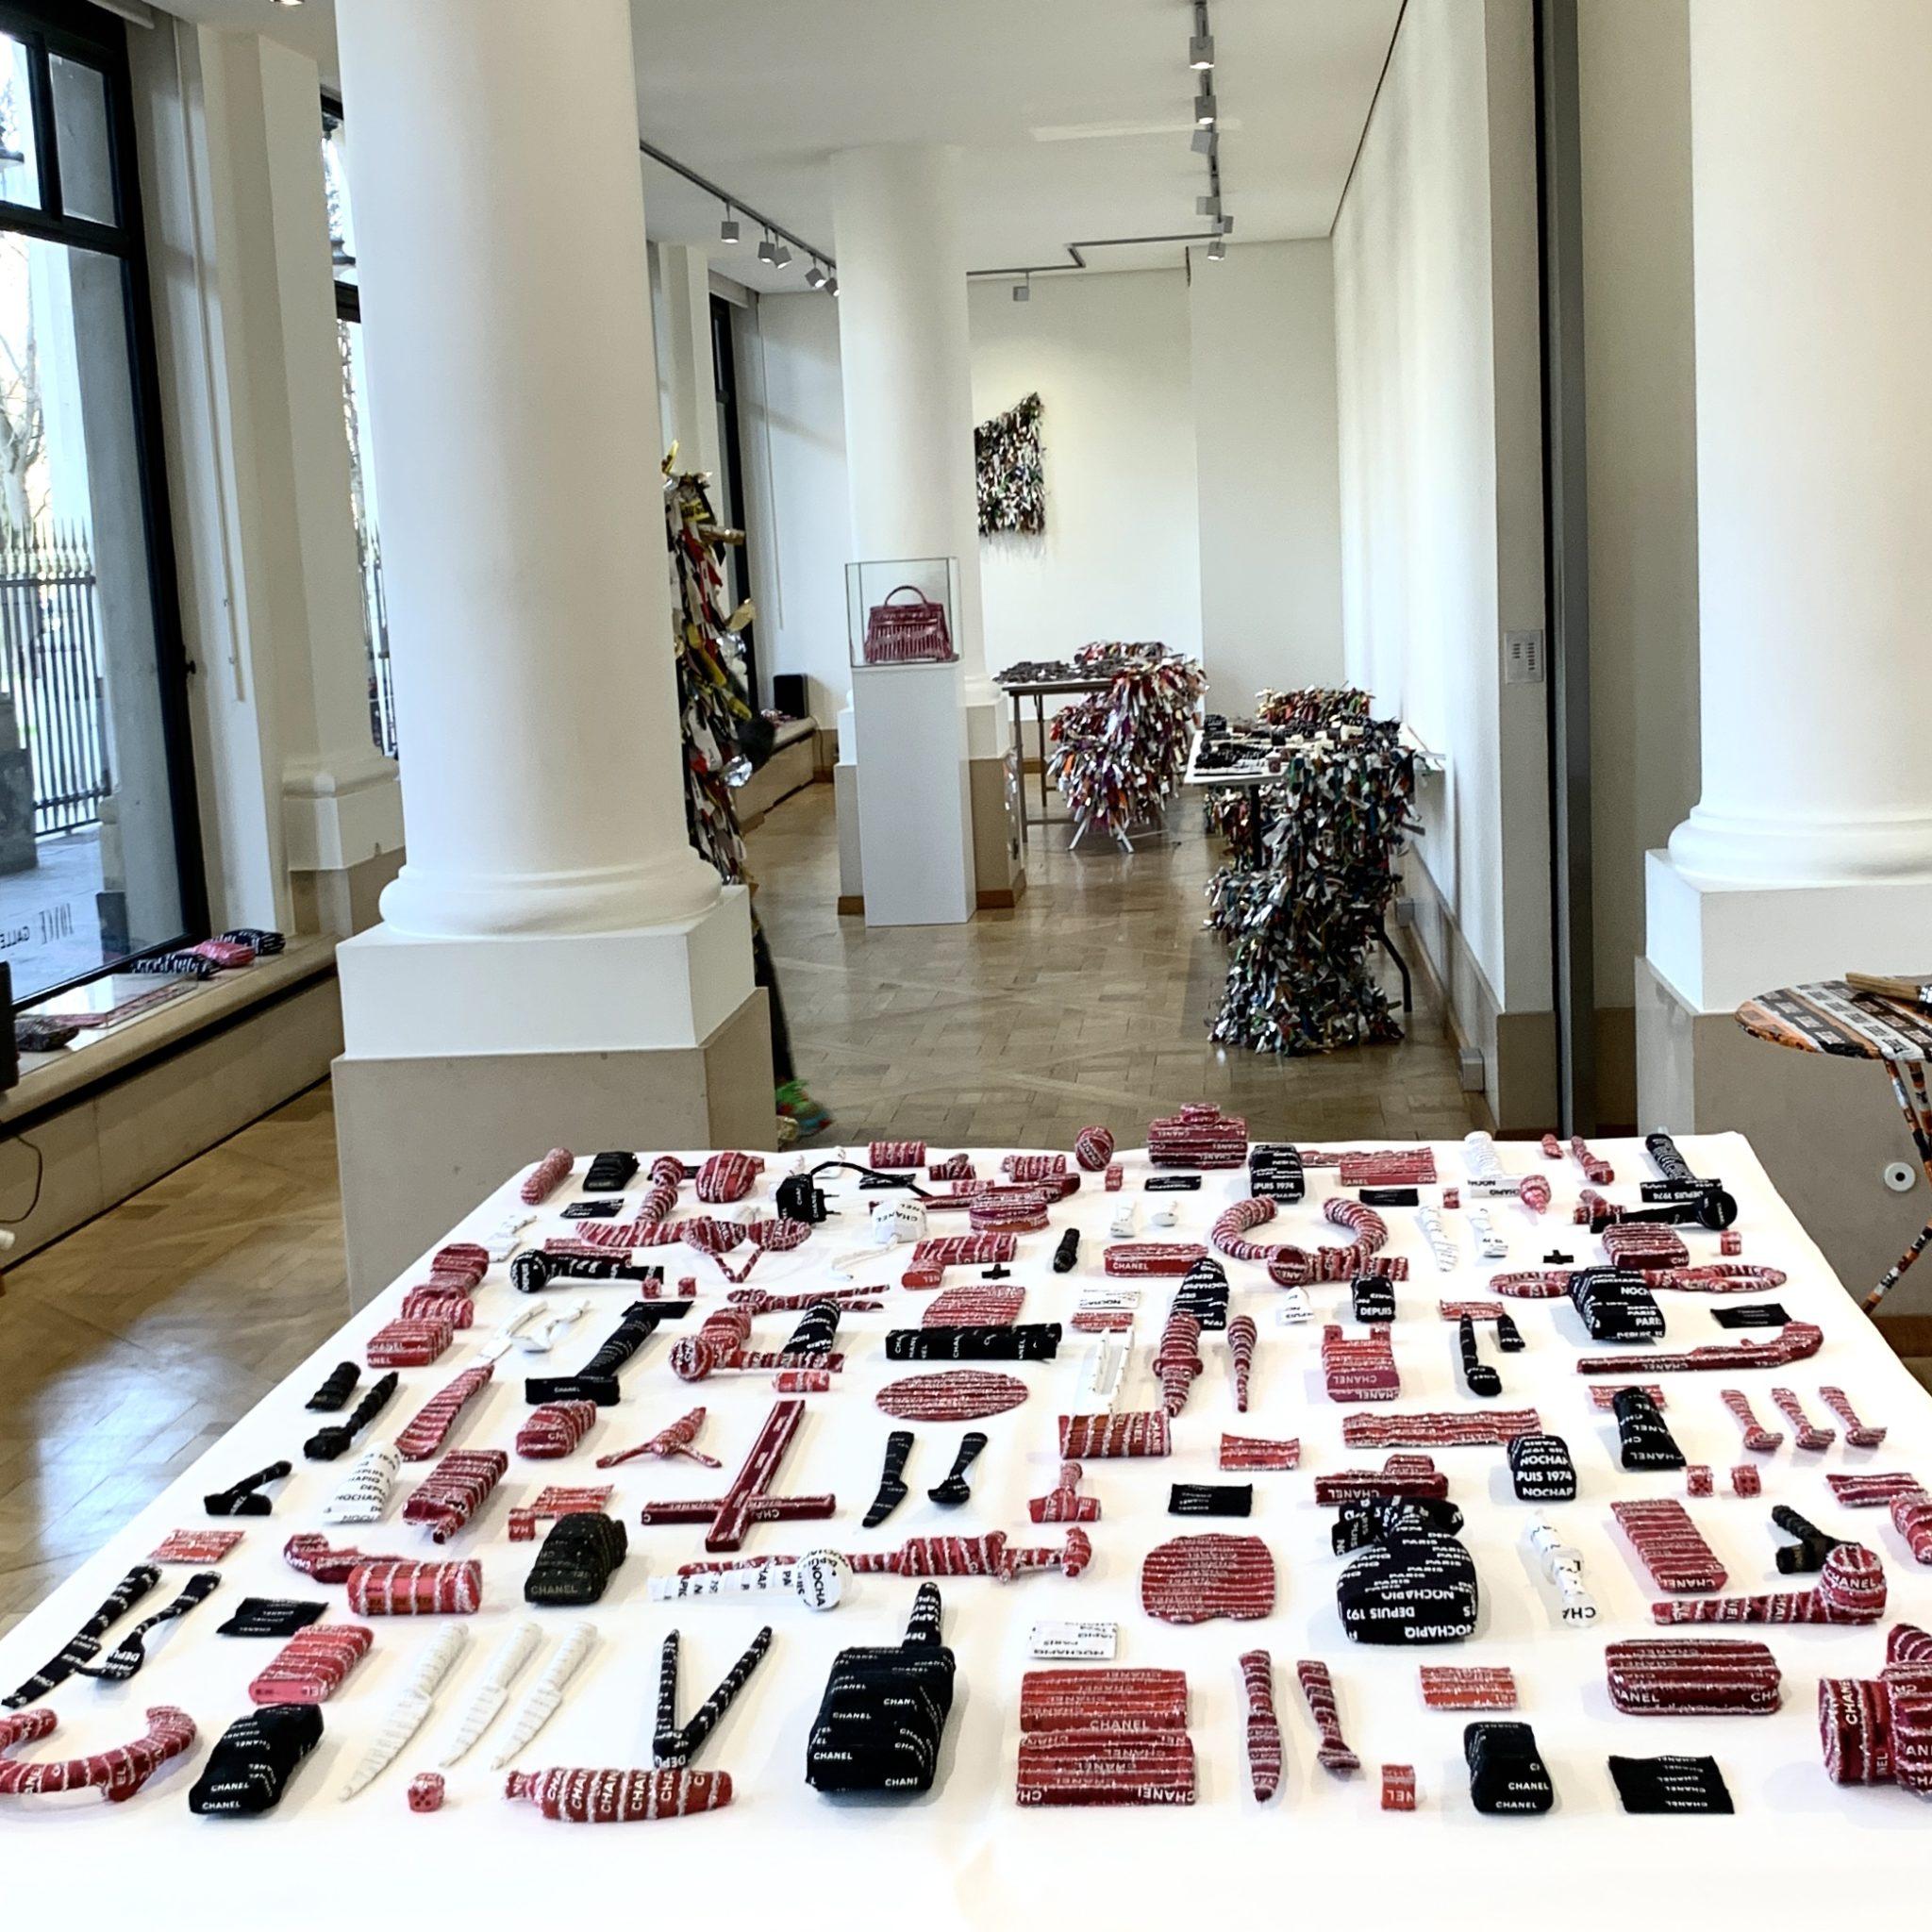 Nochapiq, Paris, Joyce Gallery. Du 22 février au 07 mars 2020, photo artvisions